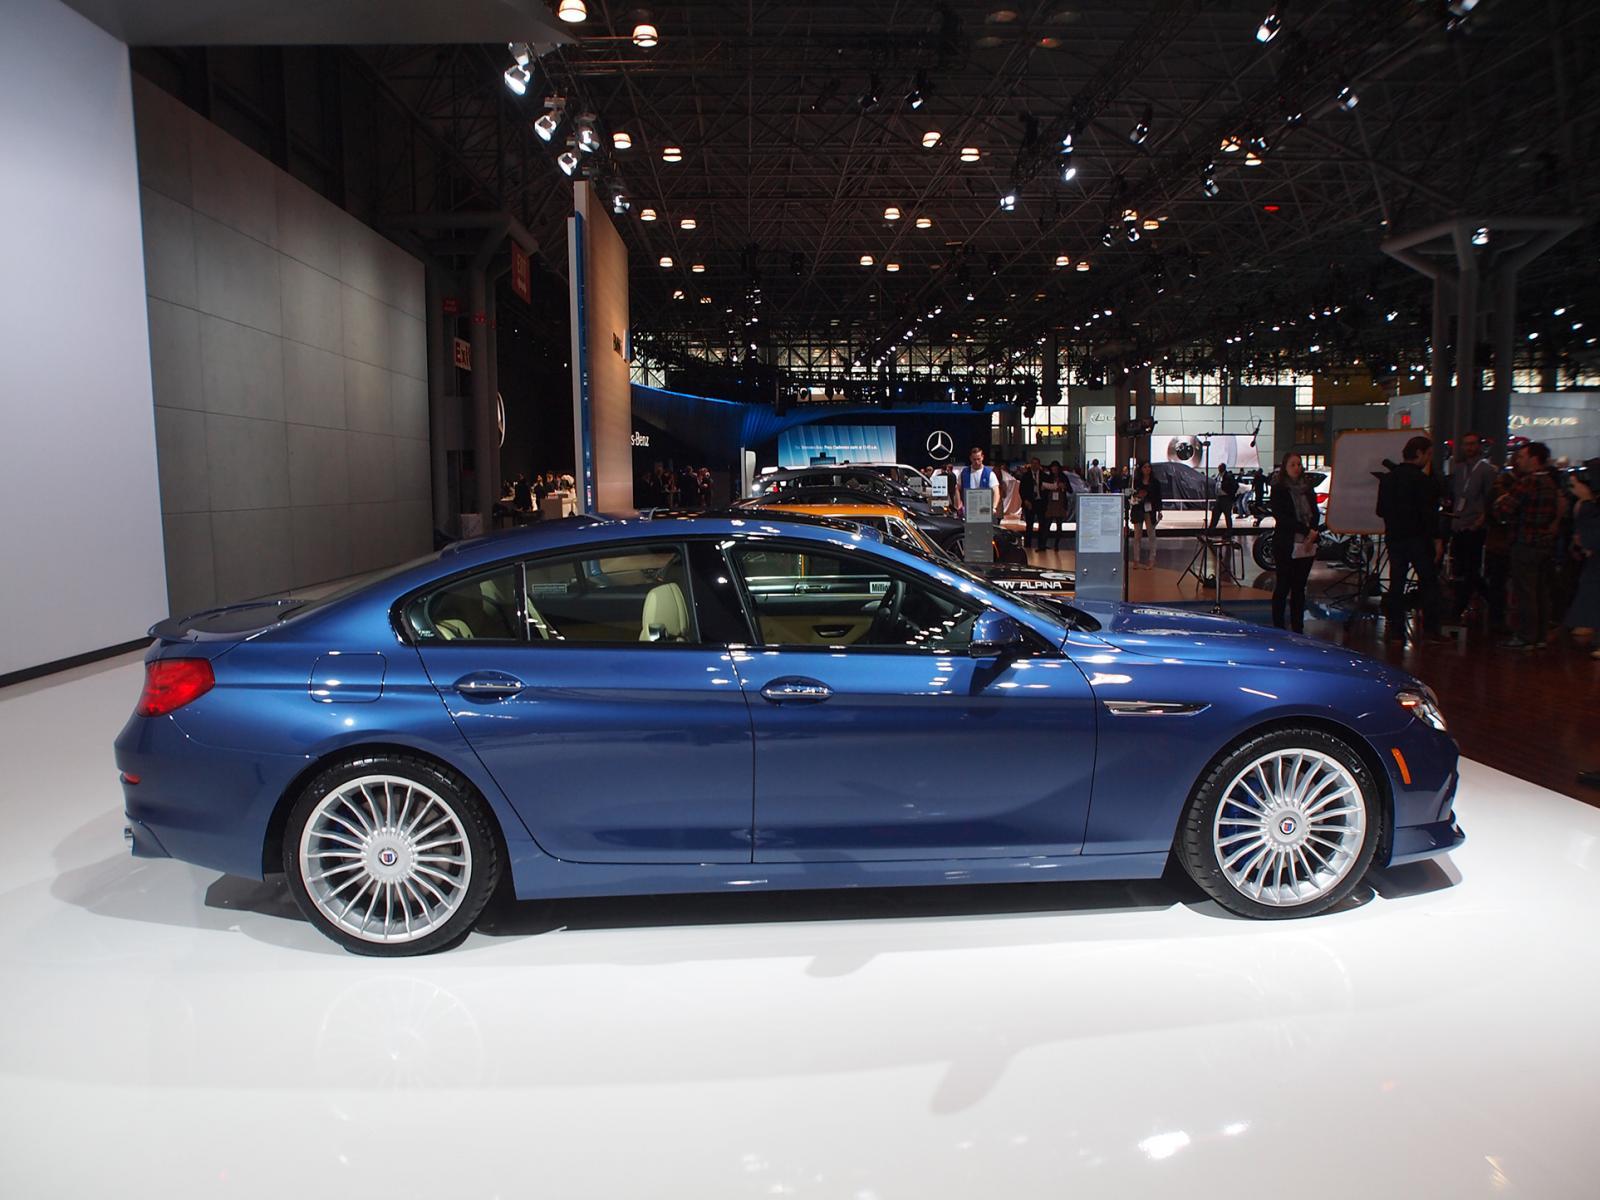 2016 BMW ALPINA B6 XDrive Gran Coupe